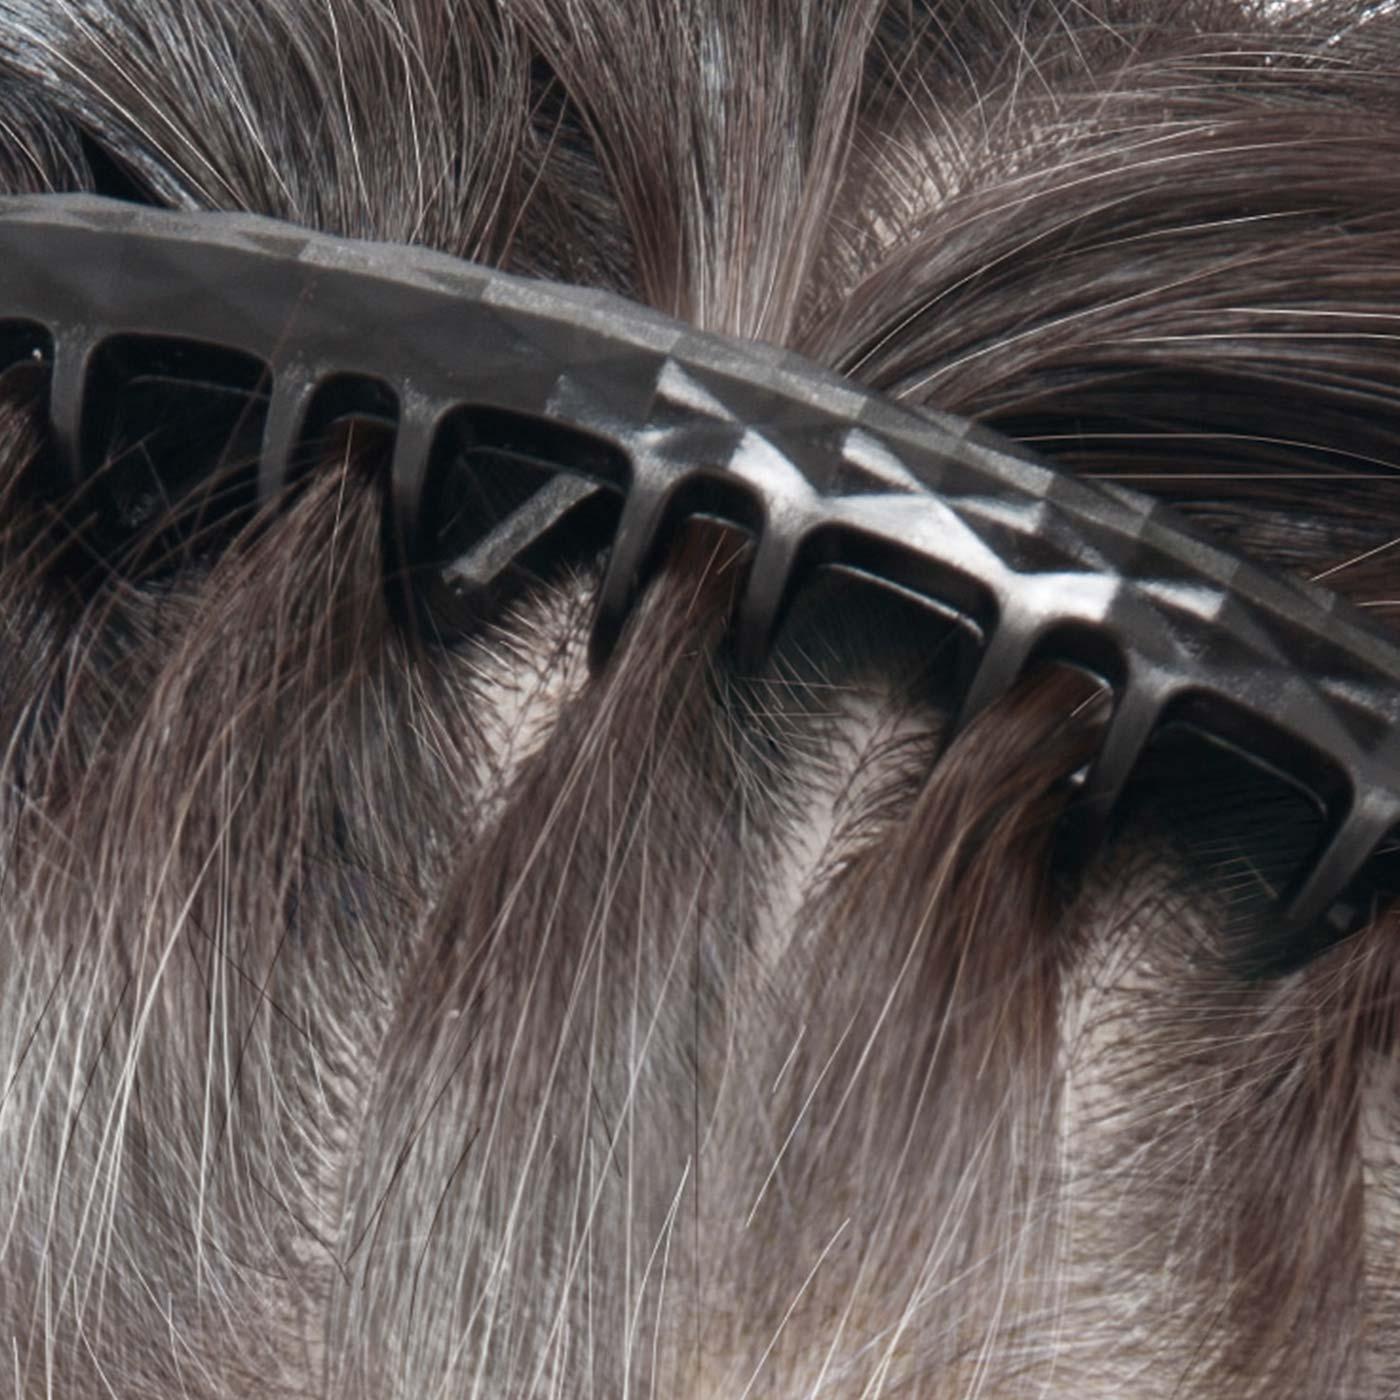 カチューシャコームは、頭部にしっかりフィットするやわらか素材。サッとはめて、染めやすい分量の毛束に仕分けられます。